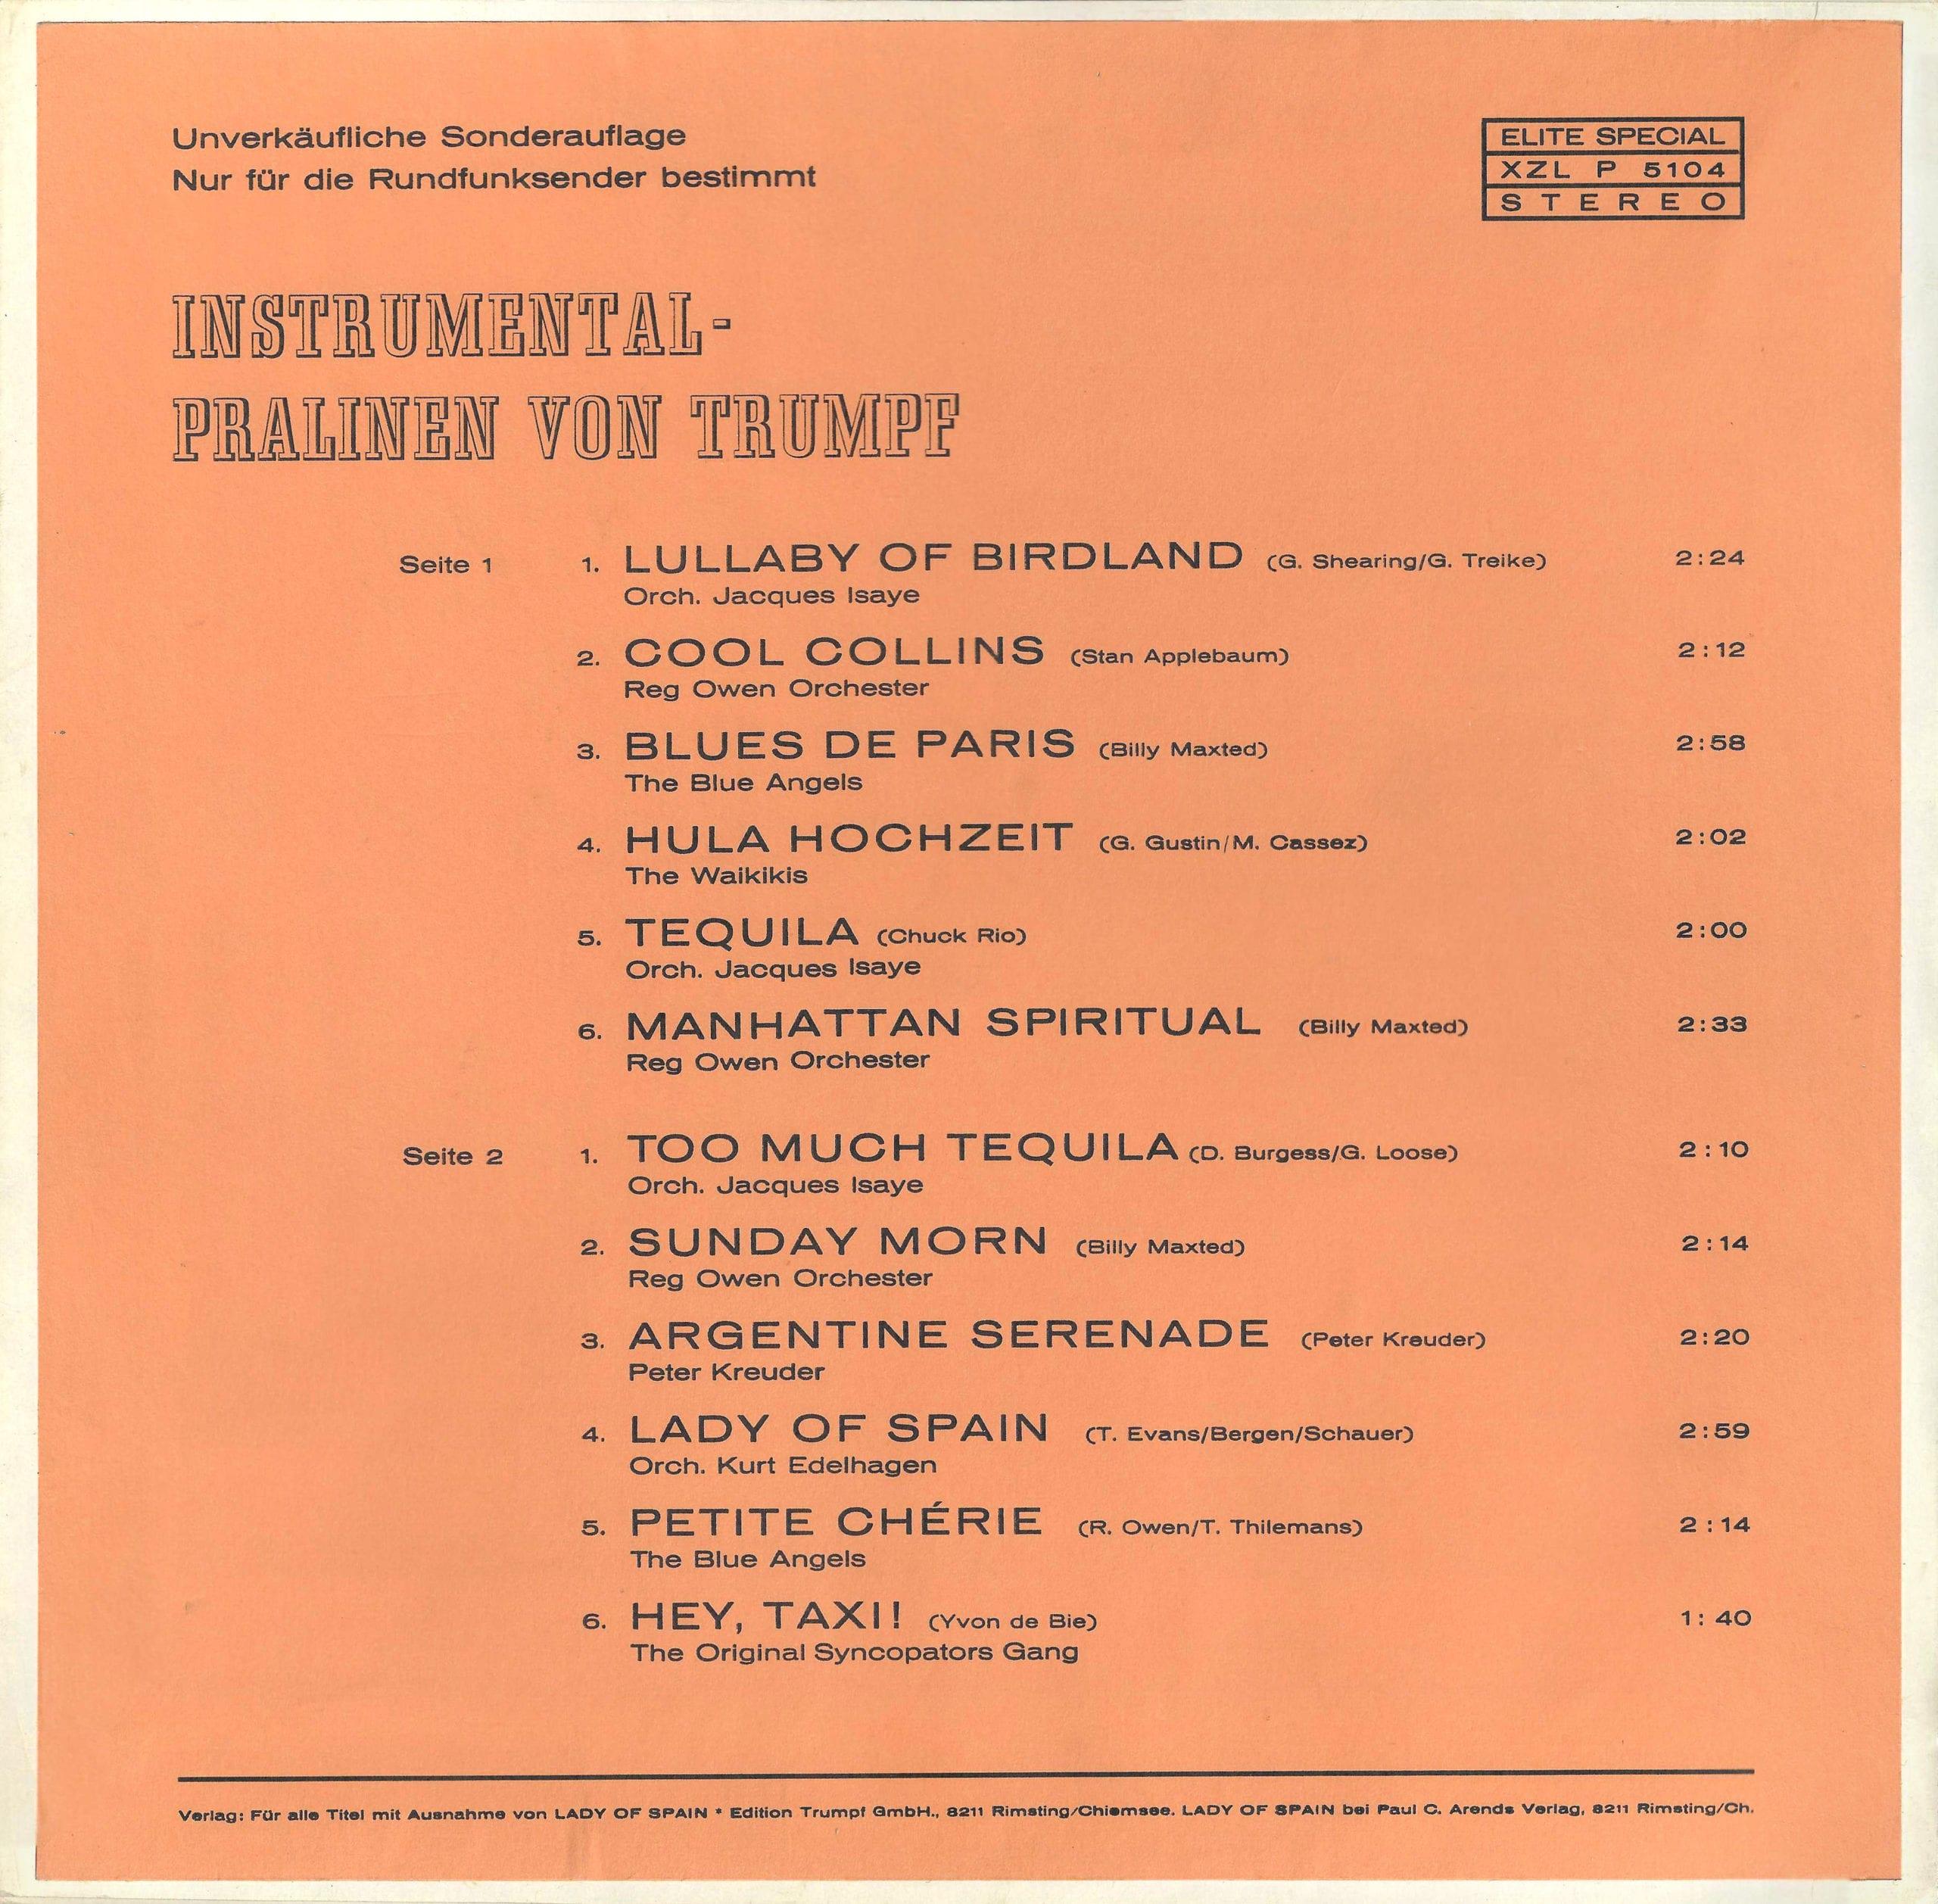 Instrumental-Pralinen von Trumpf – 1